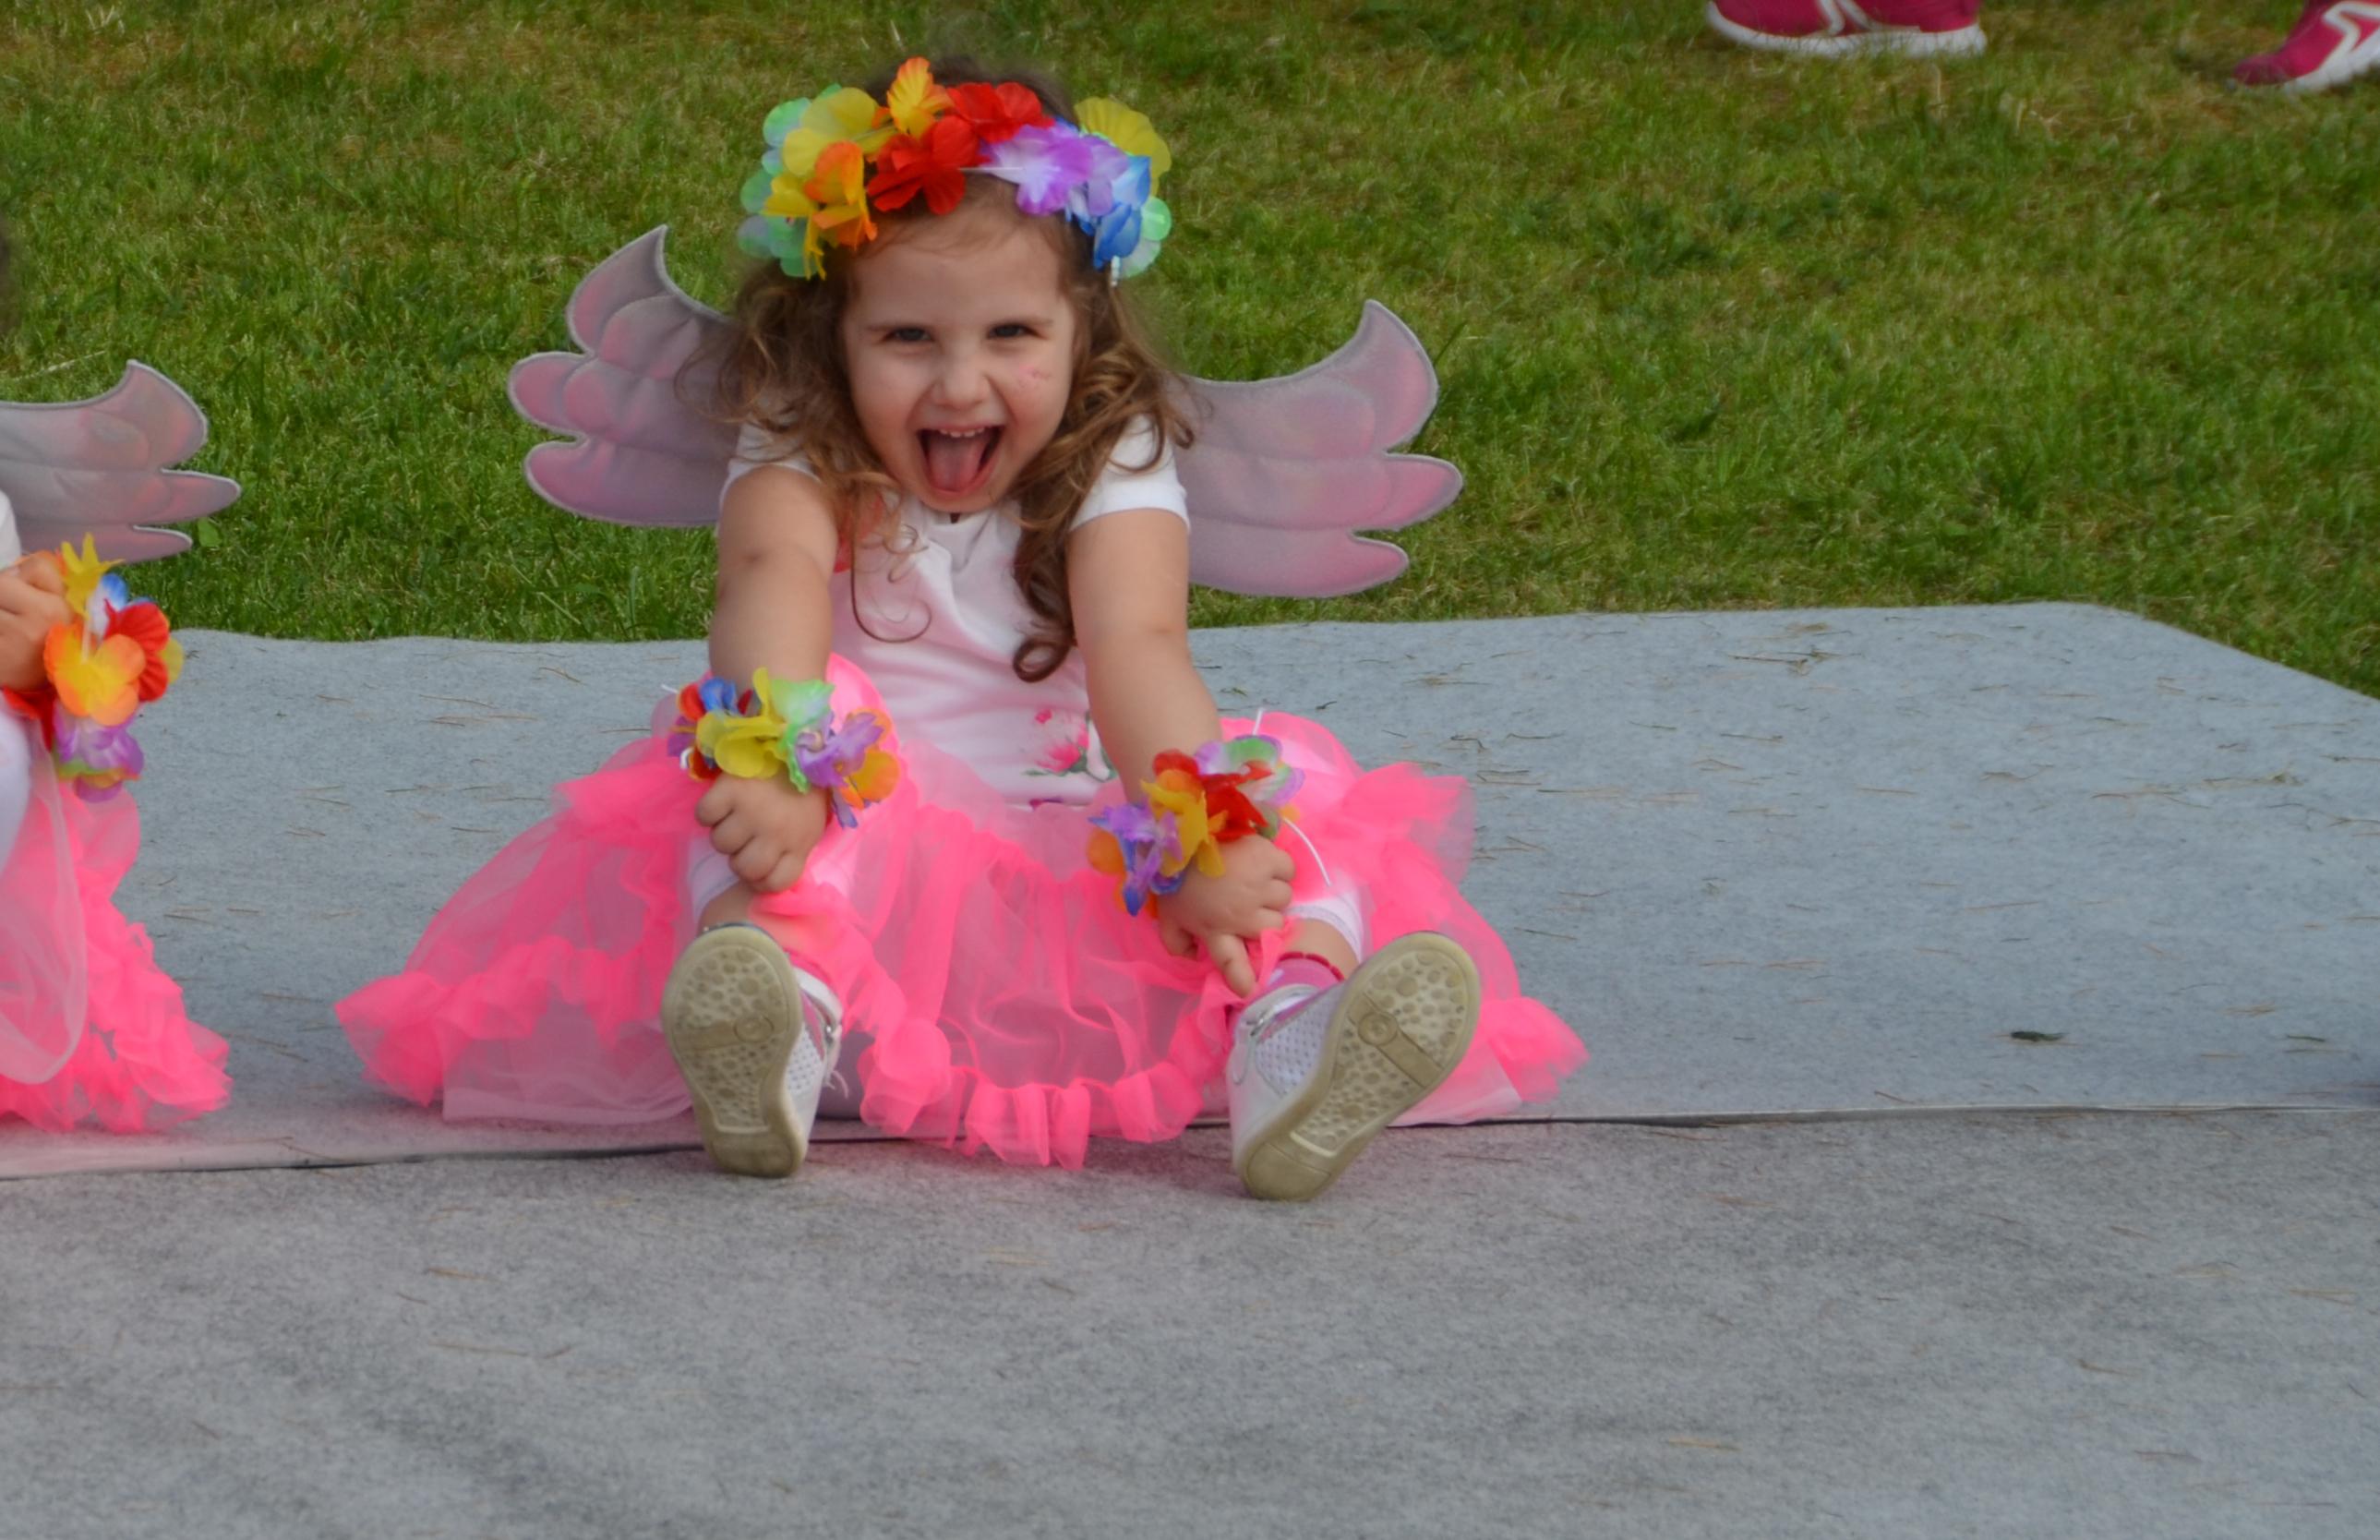 Corsi danza per bambini Reggio Emilia